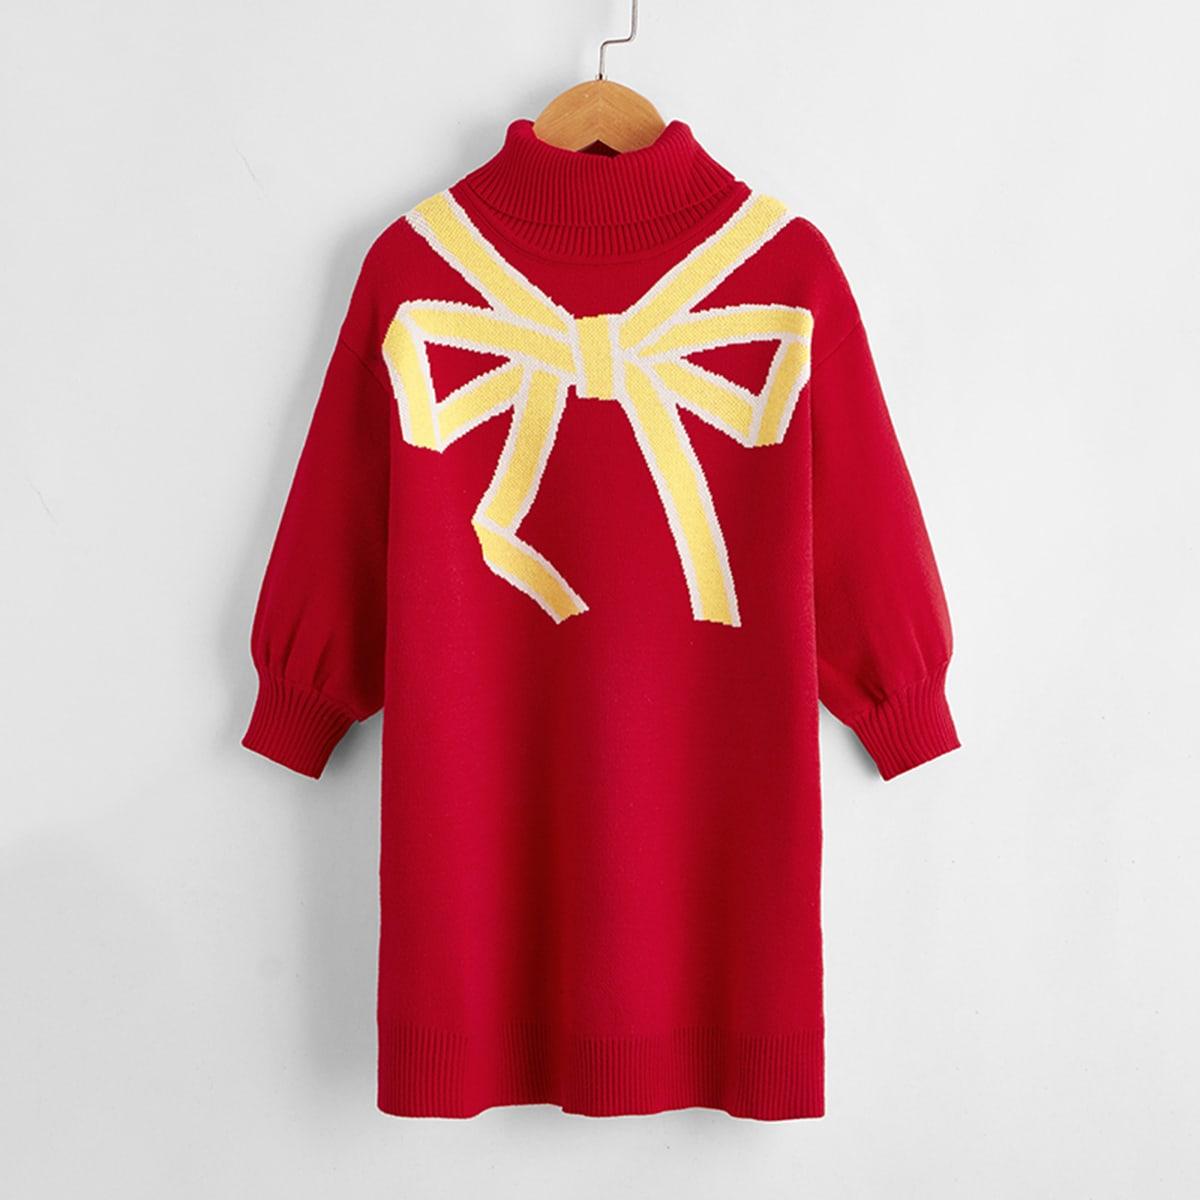 Графический принт повседневный трикотажные платья для девочек